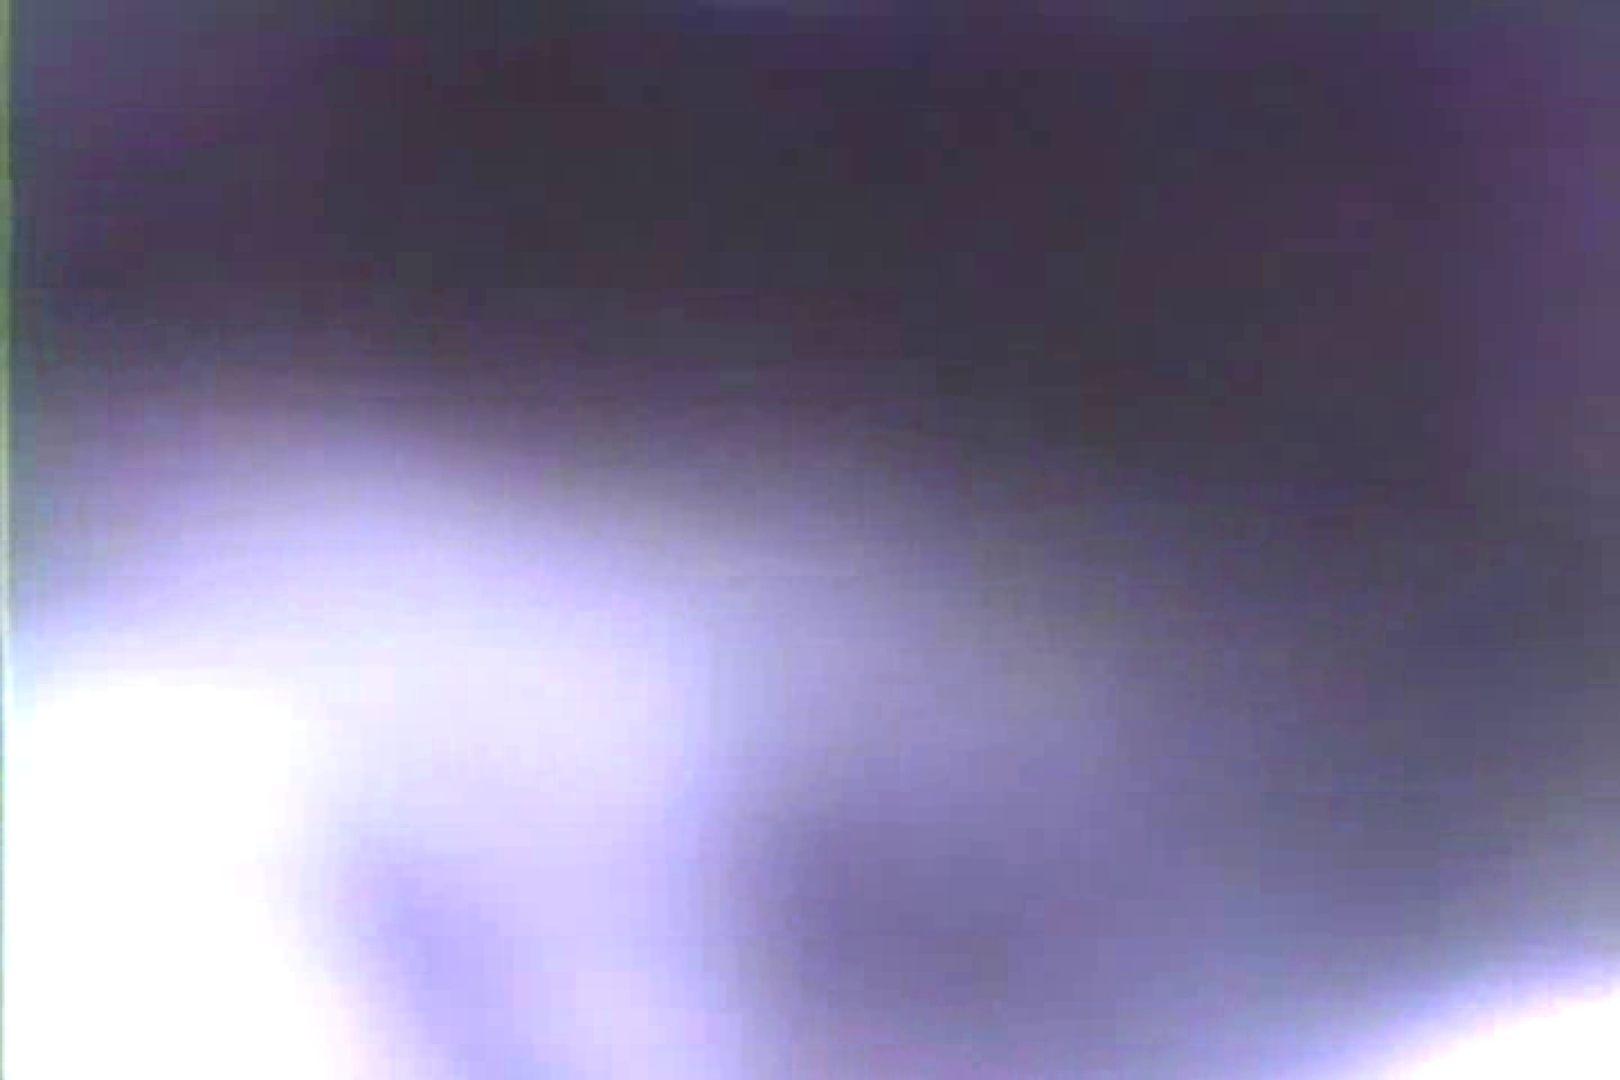 「ちくりん」さんのオリジナル未編集パンチラVol.9_02 チラ  95画像 57